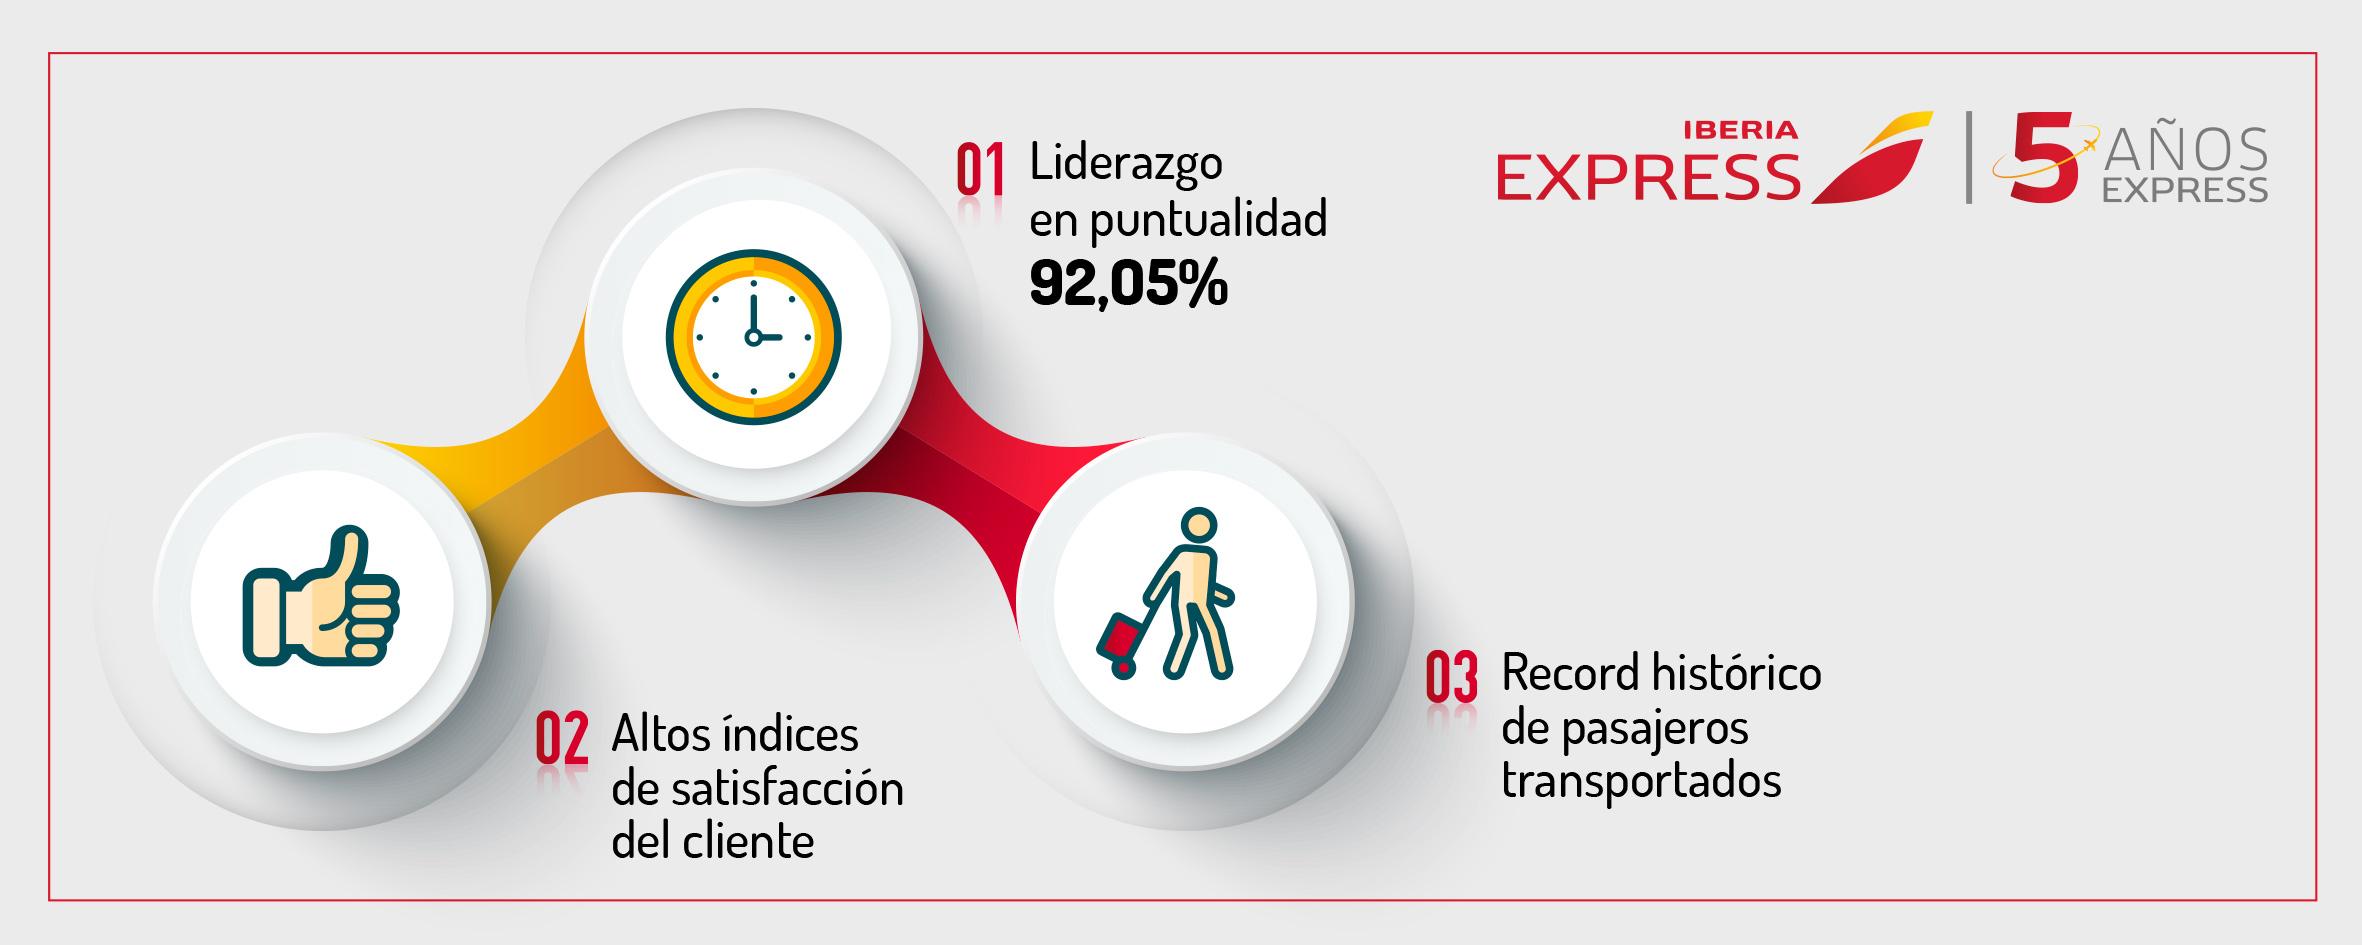 NP_Iberia Express low cost más puntual del mundo en verano